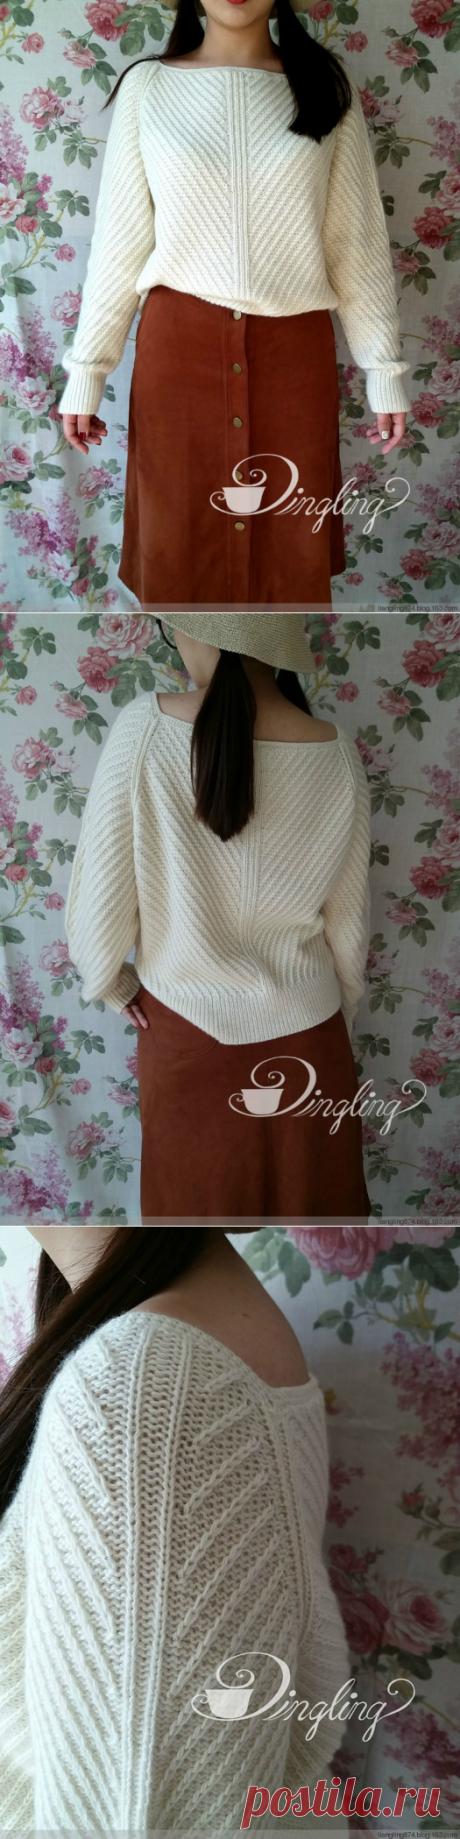 Вязанный пуловер реглан с диагональной резинкой